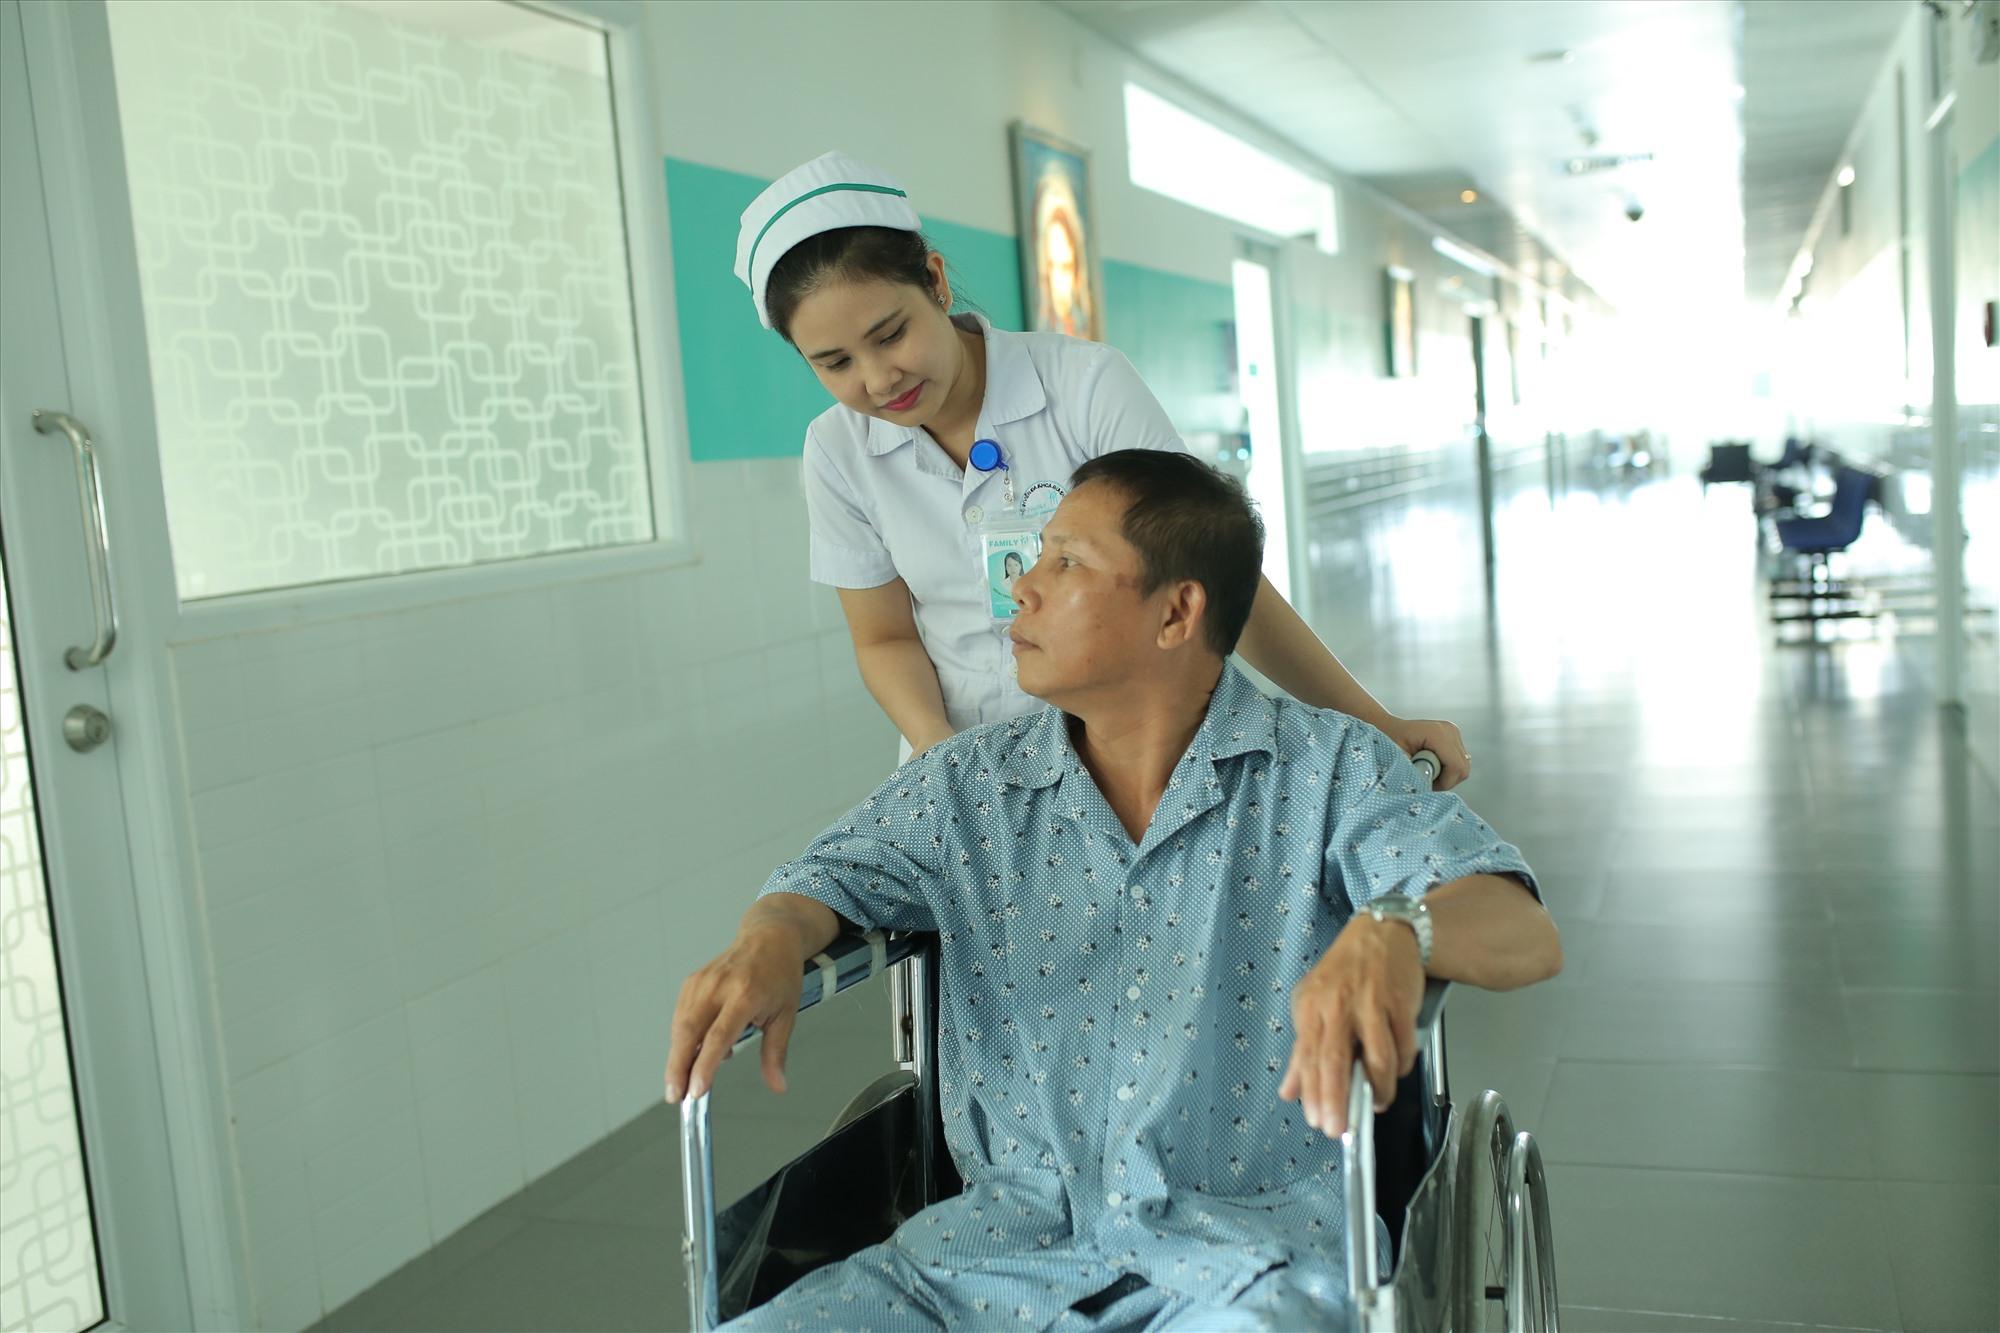 Bác sĩ Bệnh viện Đa khoa Gia Đình sẵn sàng giải đáp những thắc mắc về các căn bệnh thông thường